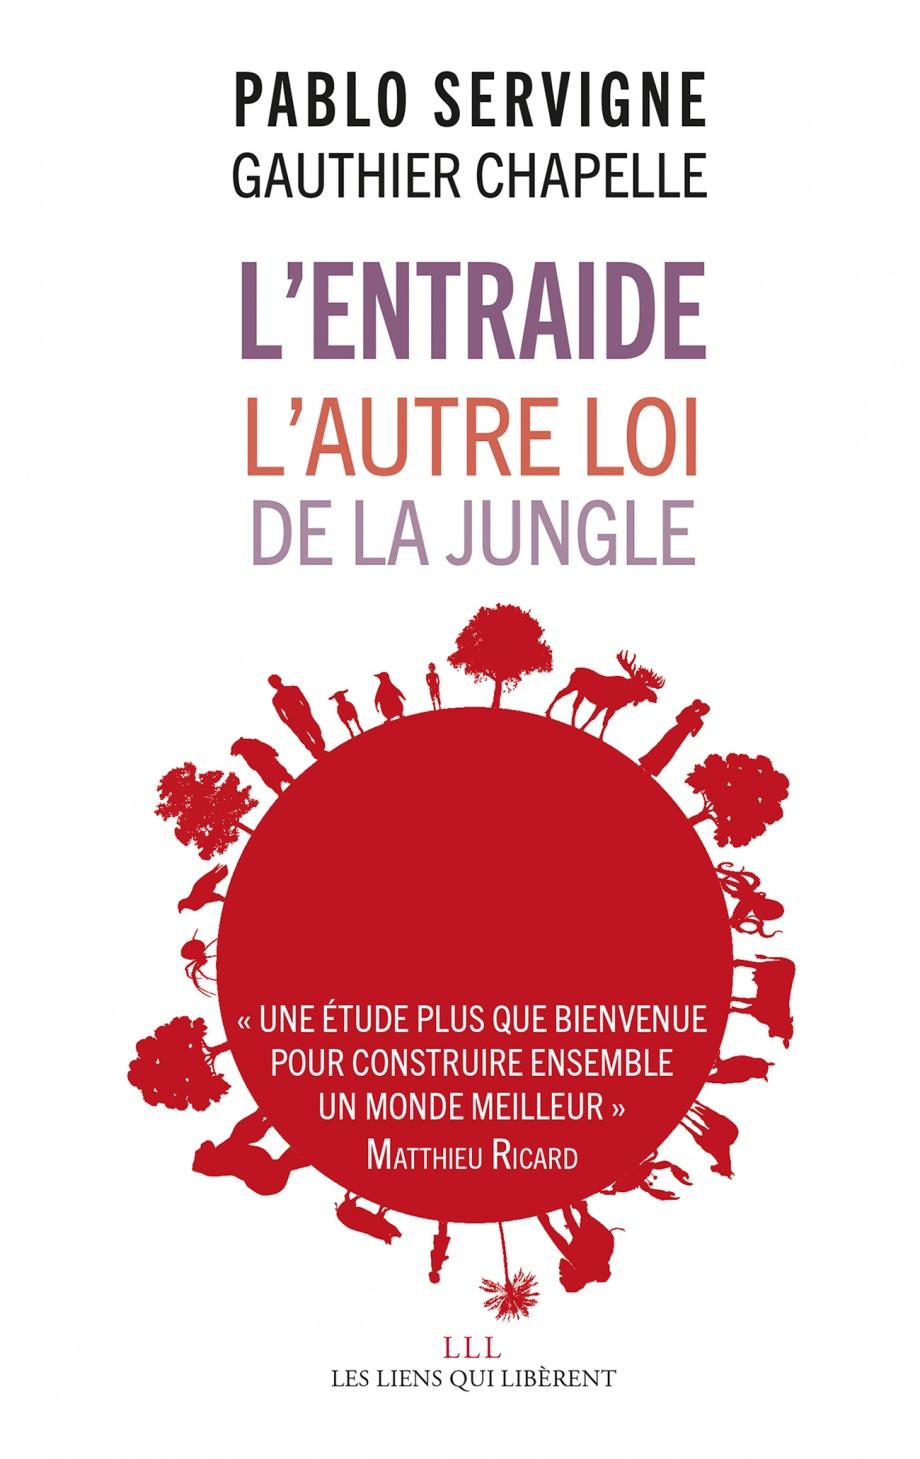 """""""L'Entraide. L'autre loi de la jungle"""", de Gauthier Chapelle et Pablo Servigne"""